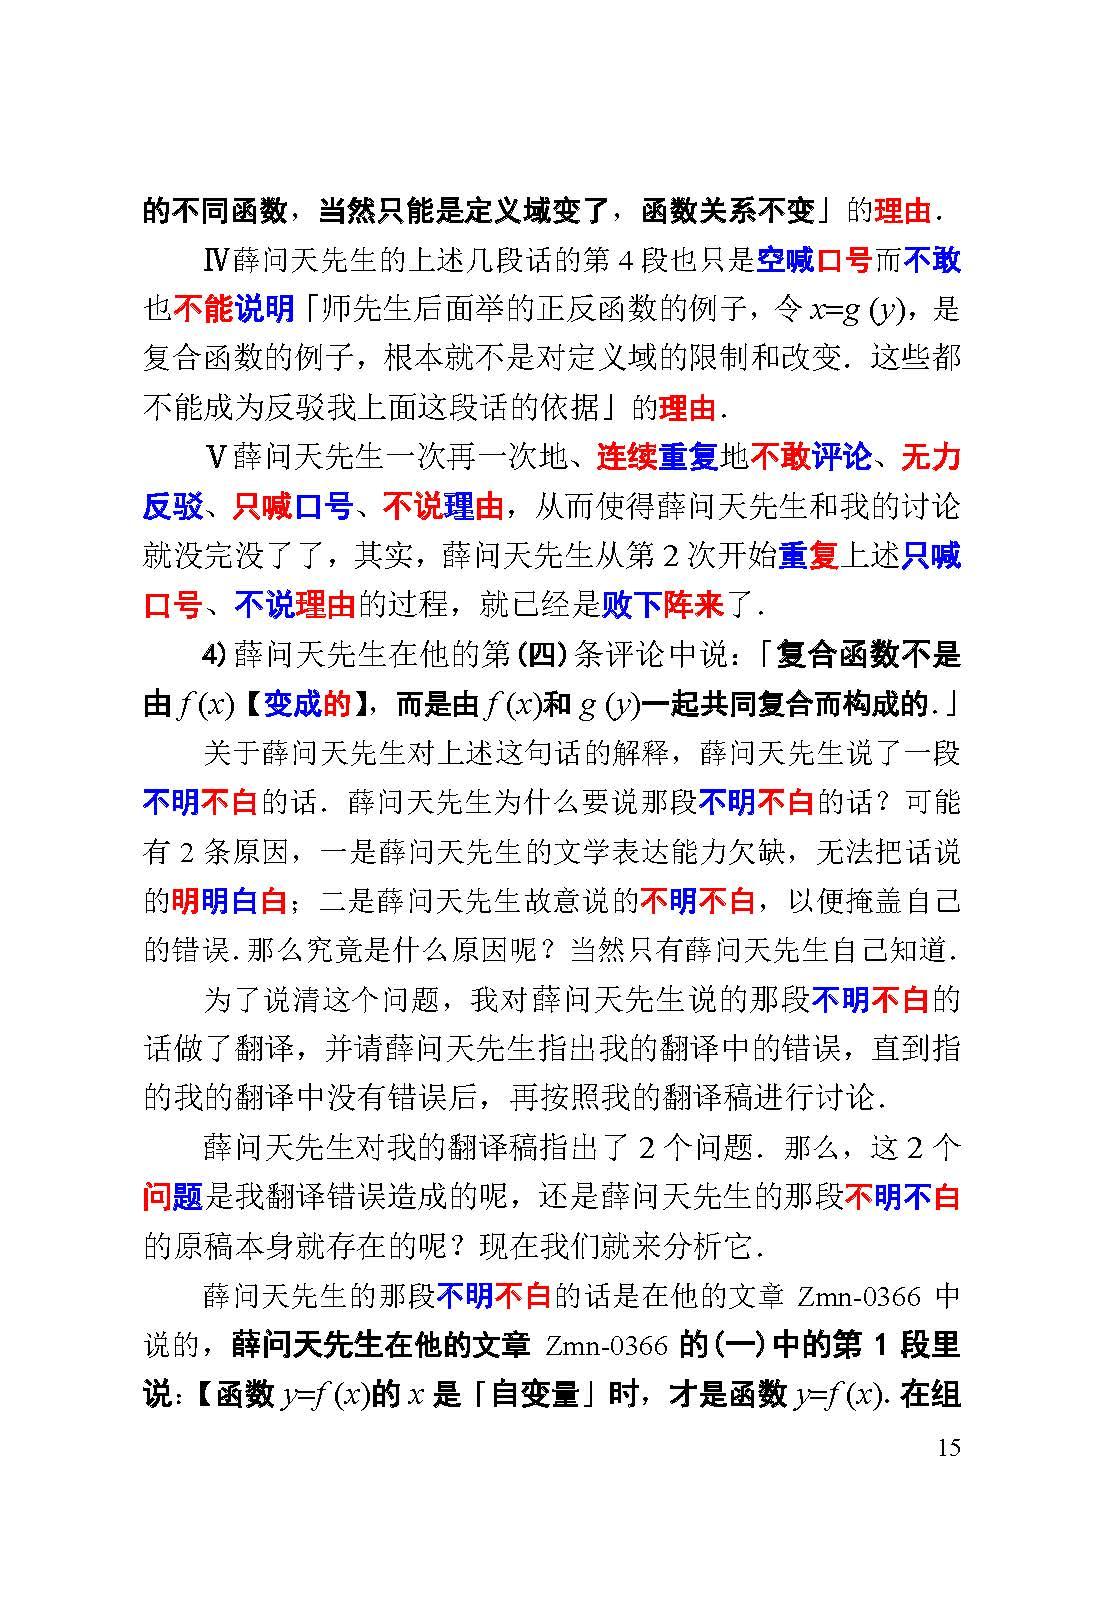 评薛问天先生的文章0428_页面_15.jpg